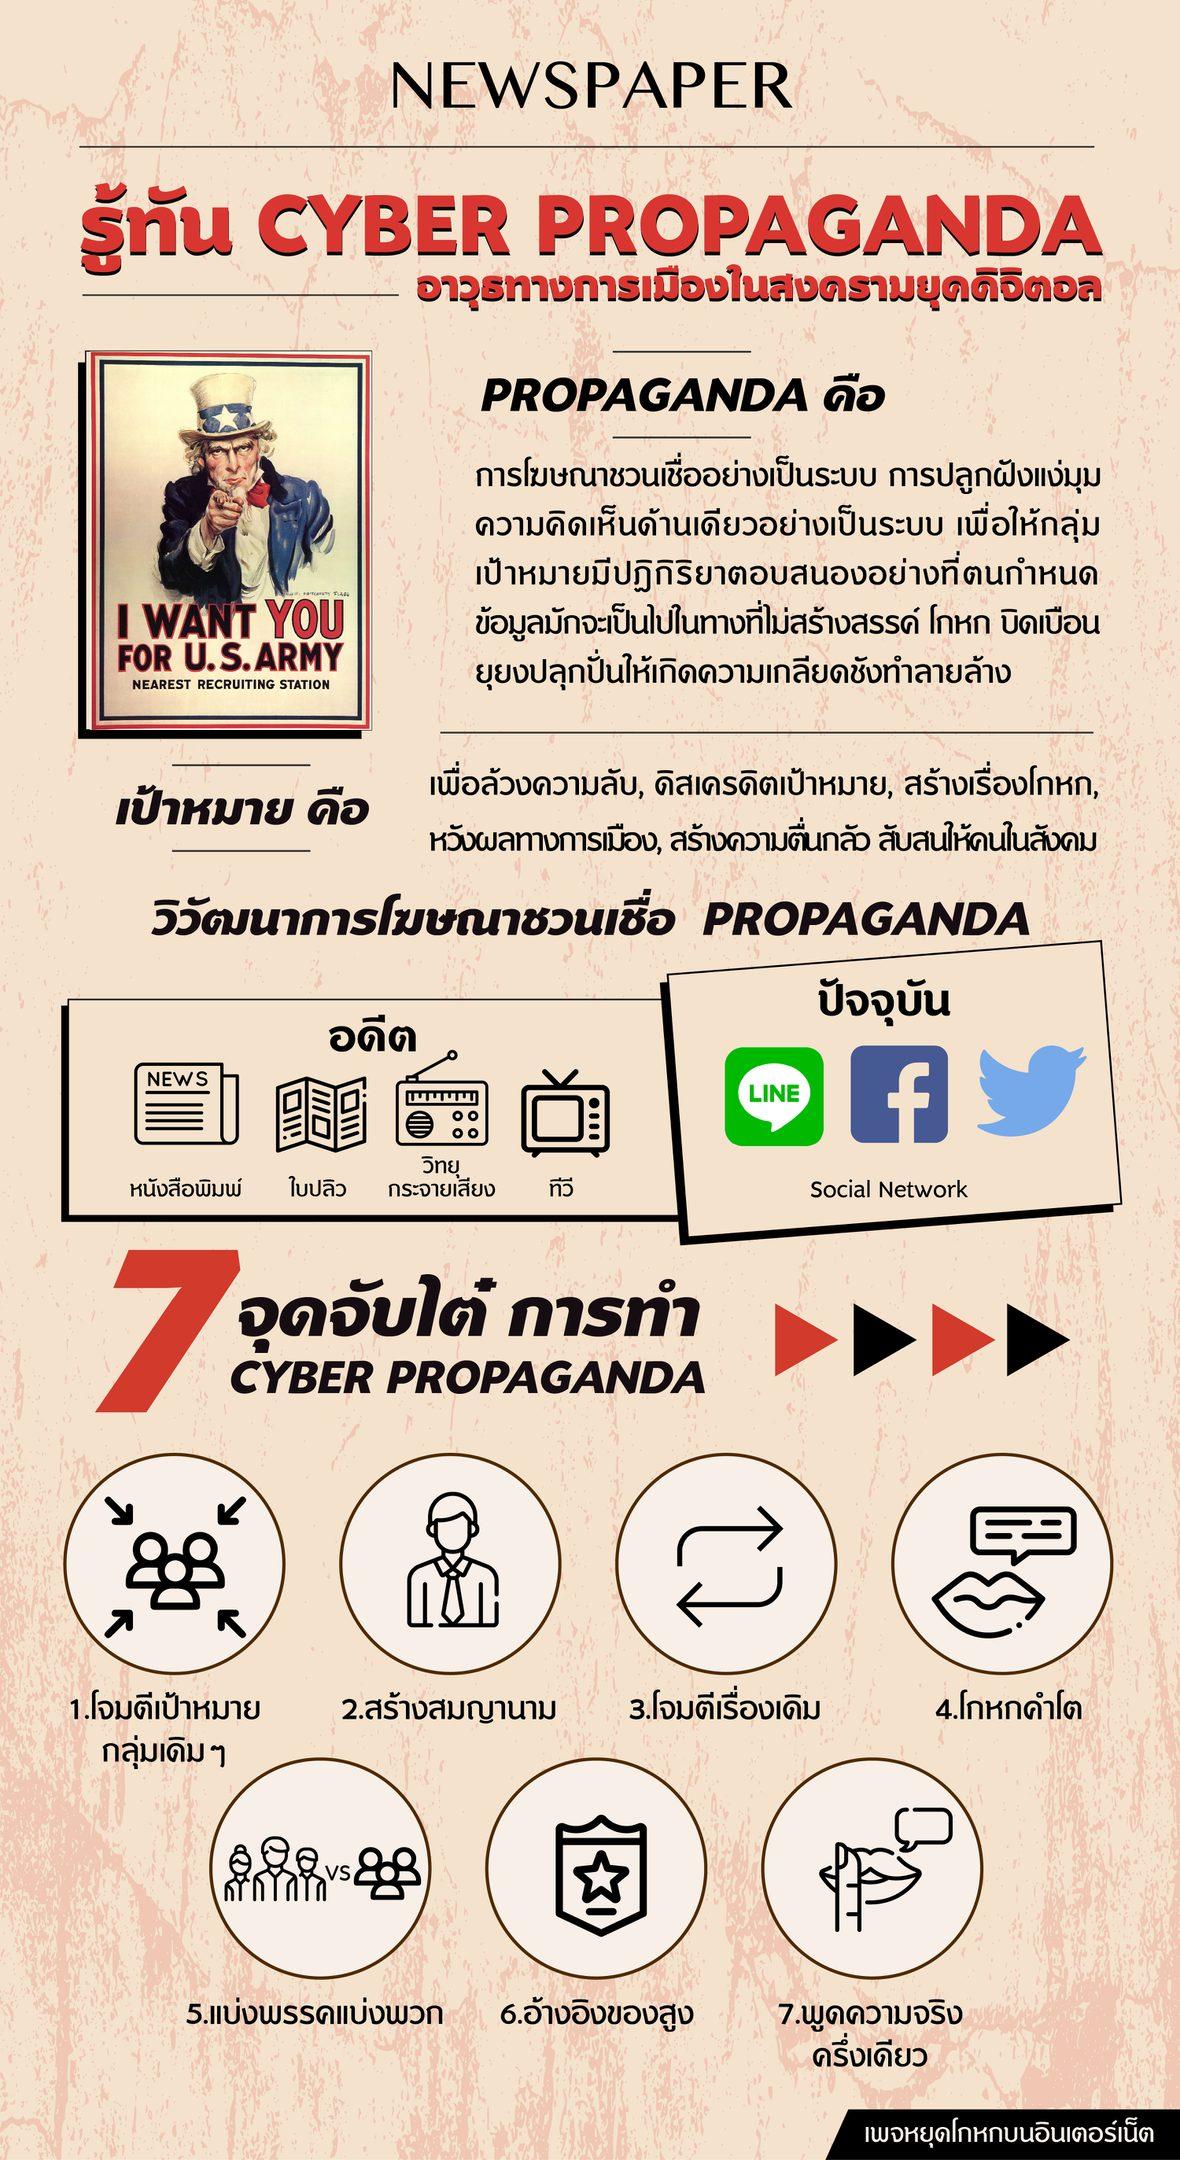 รู้ทัน Cyber Propaganda อาวุธทางการเมืองในสงครามยุคดิจิตอล